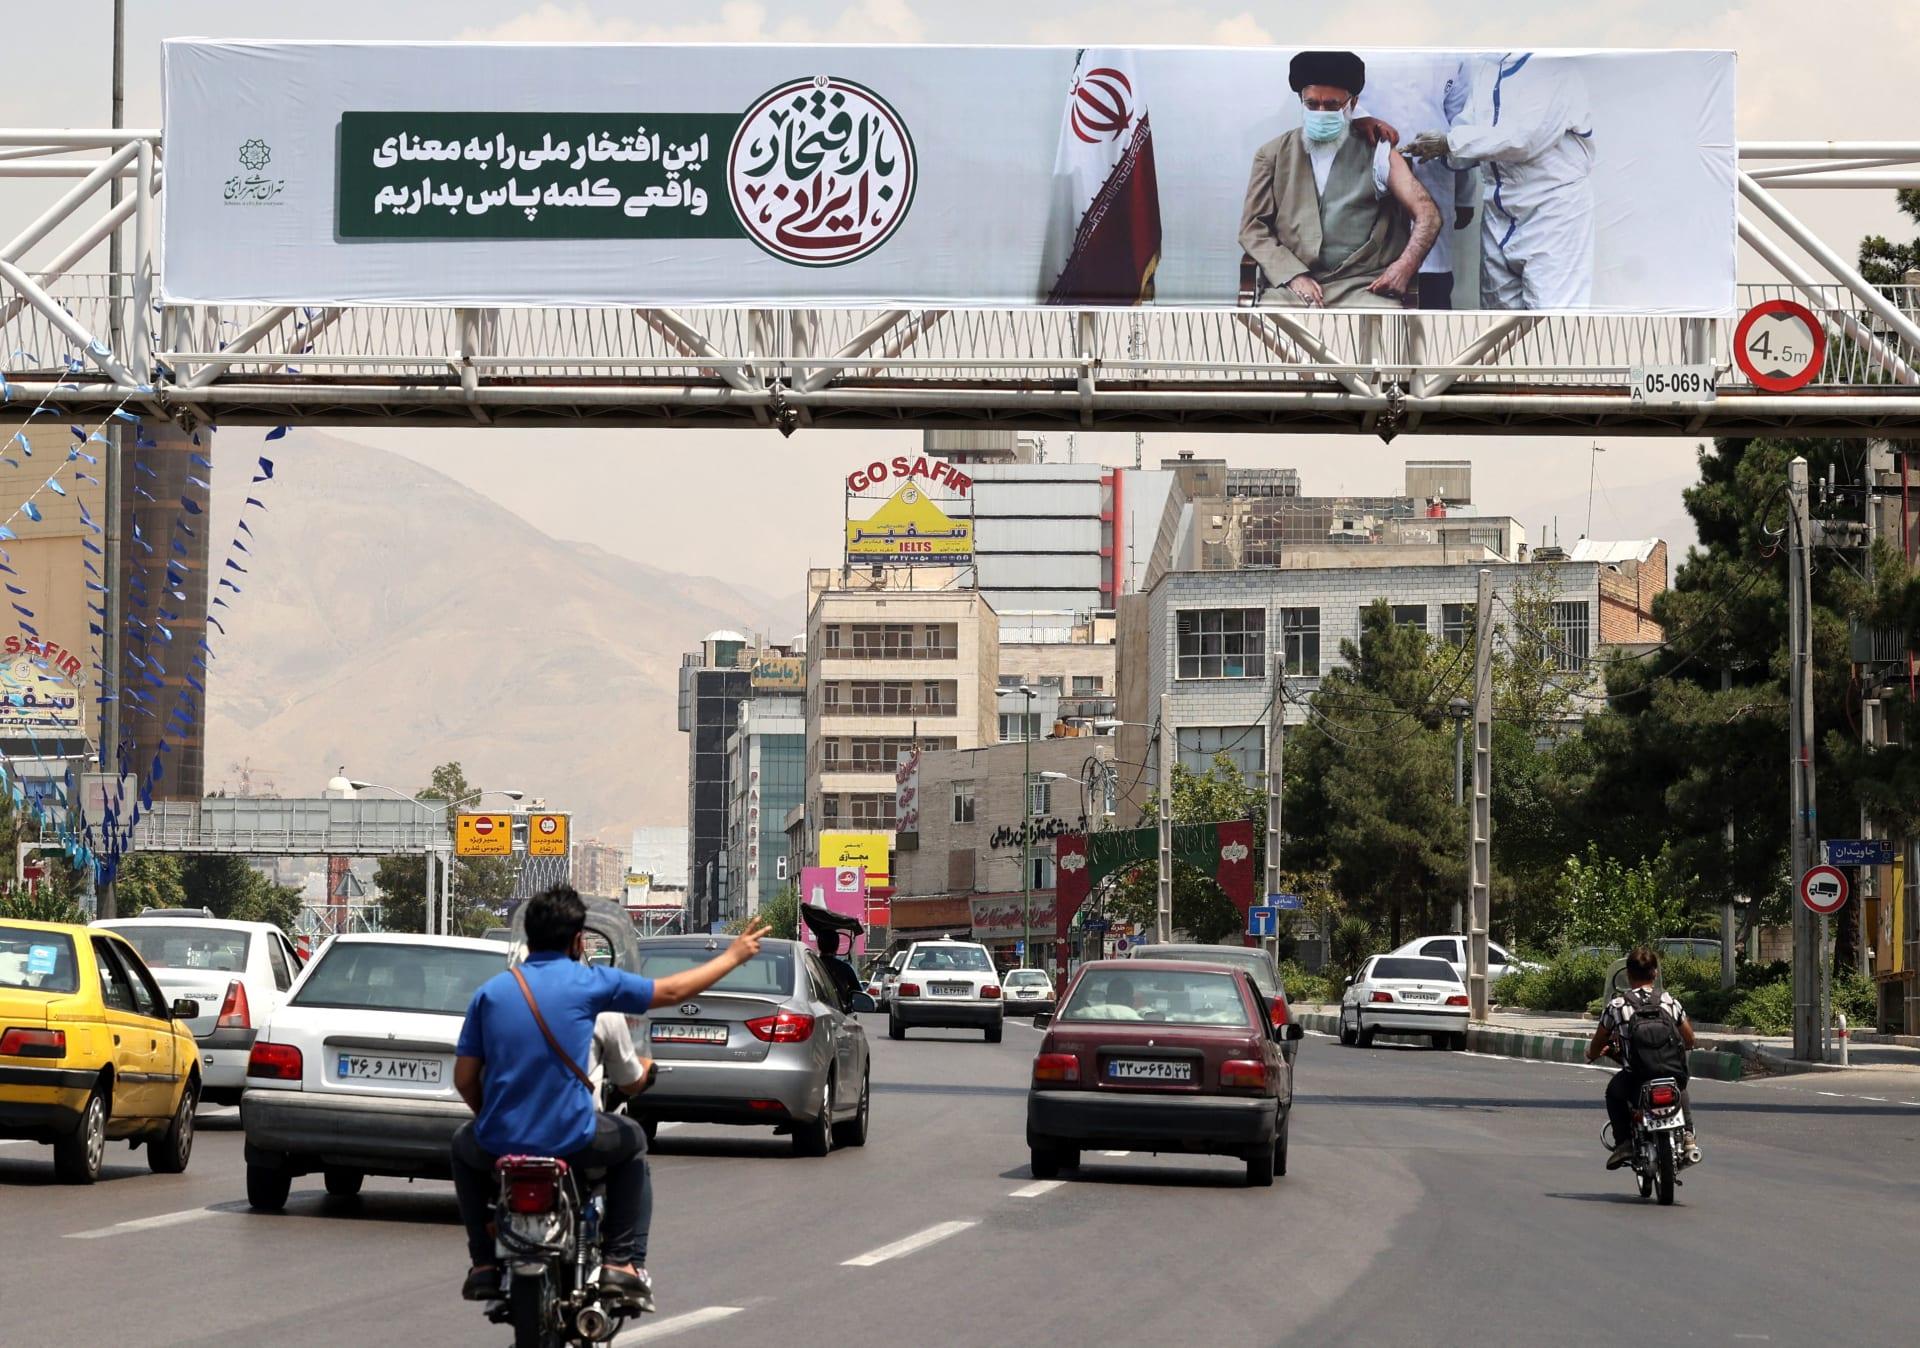 """احتجاجات إيران تنتقل إلى قلب طهران.. والمتظاهرون يهتفون: """"الموت للجمهورية الإسلامية"""""""